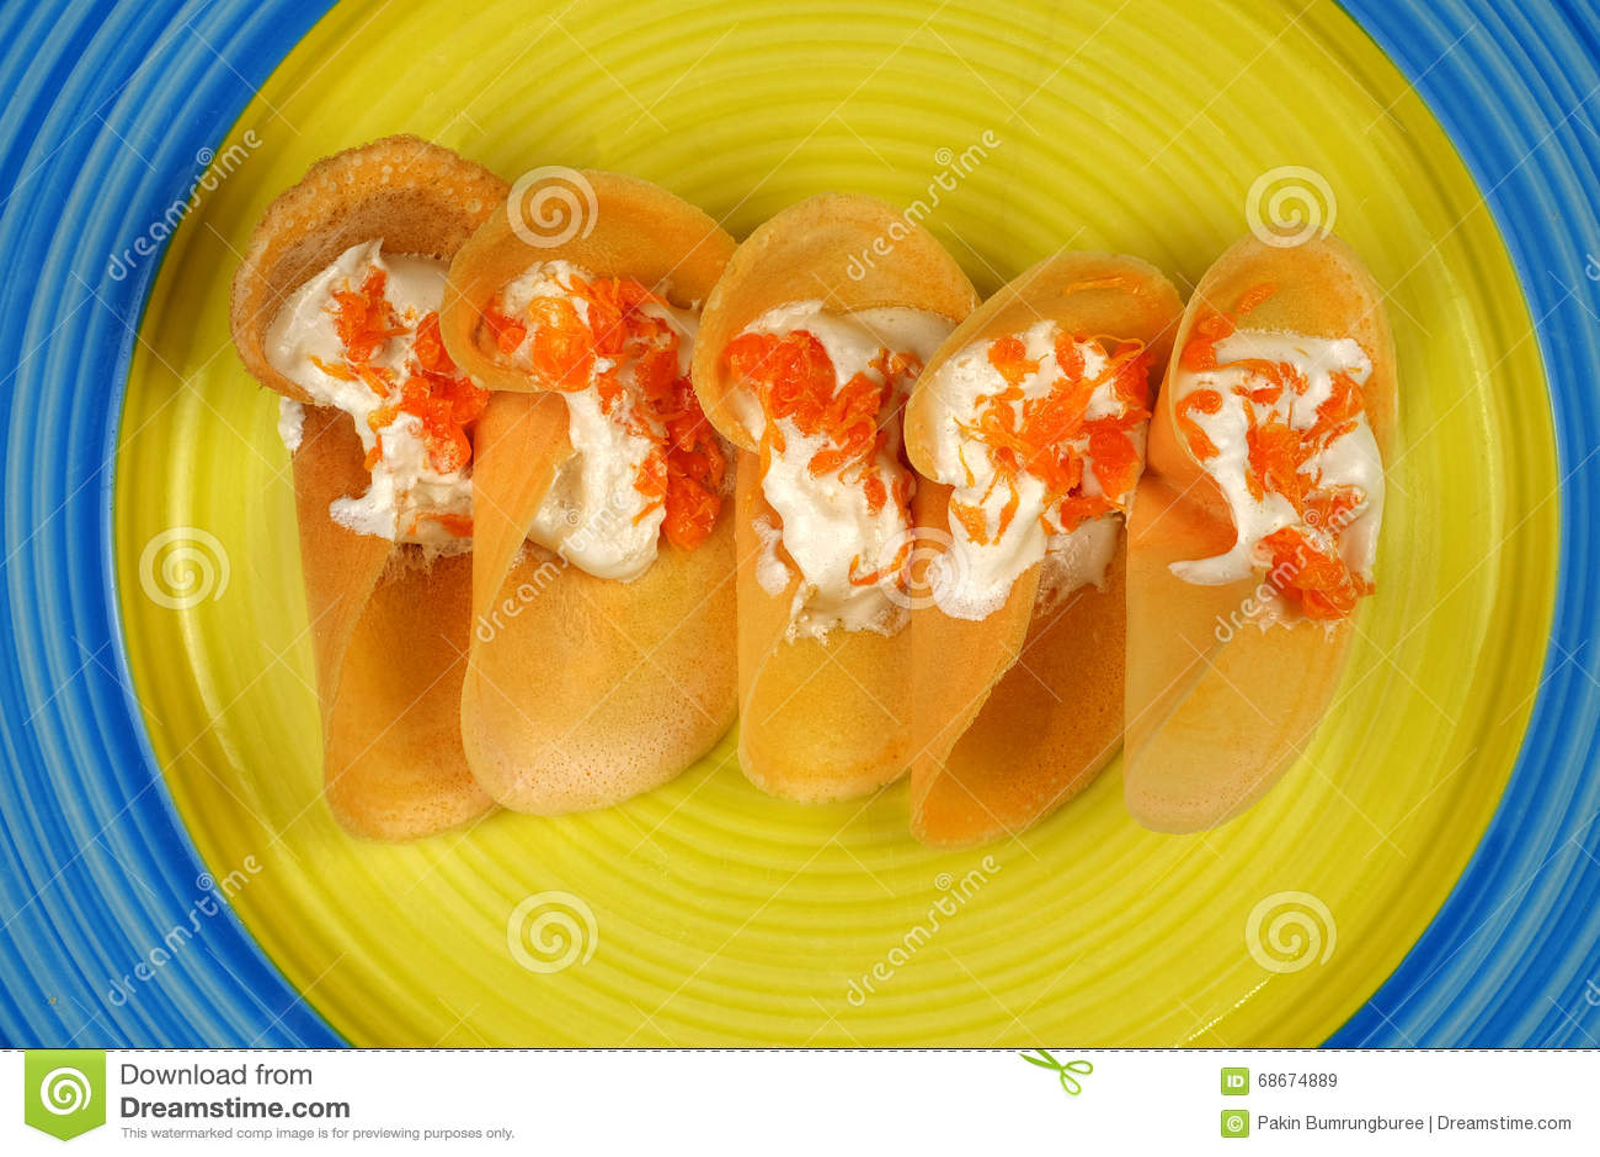 Khanom thailändska Beaung som är thailändsk, eller en sort av fylld thailändsk mat för pannkaka eller